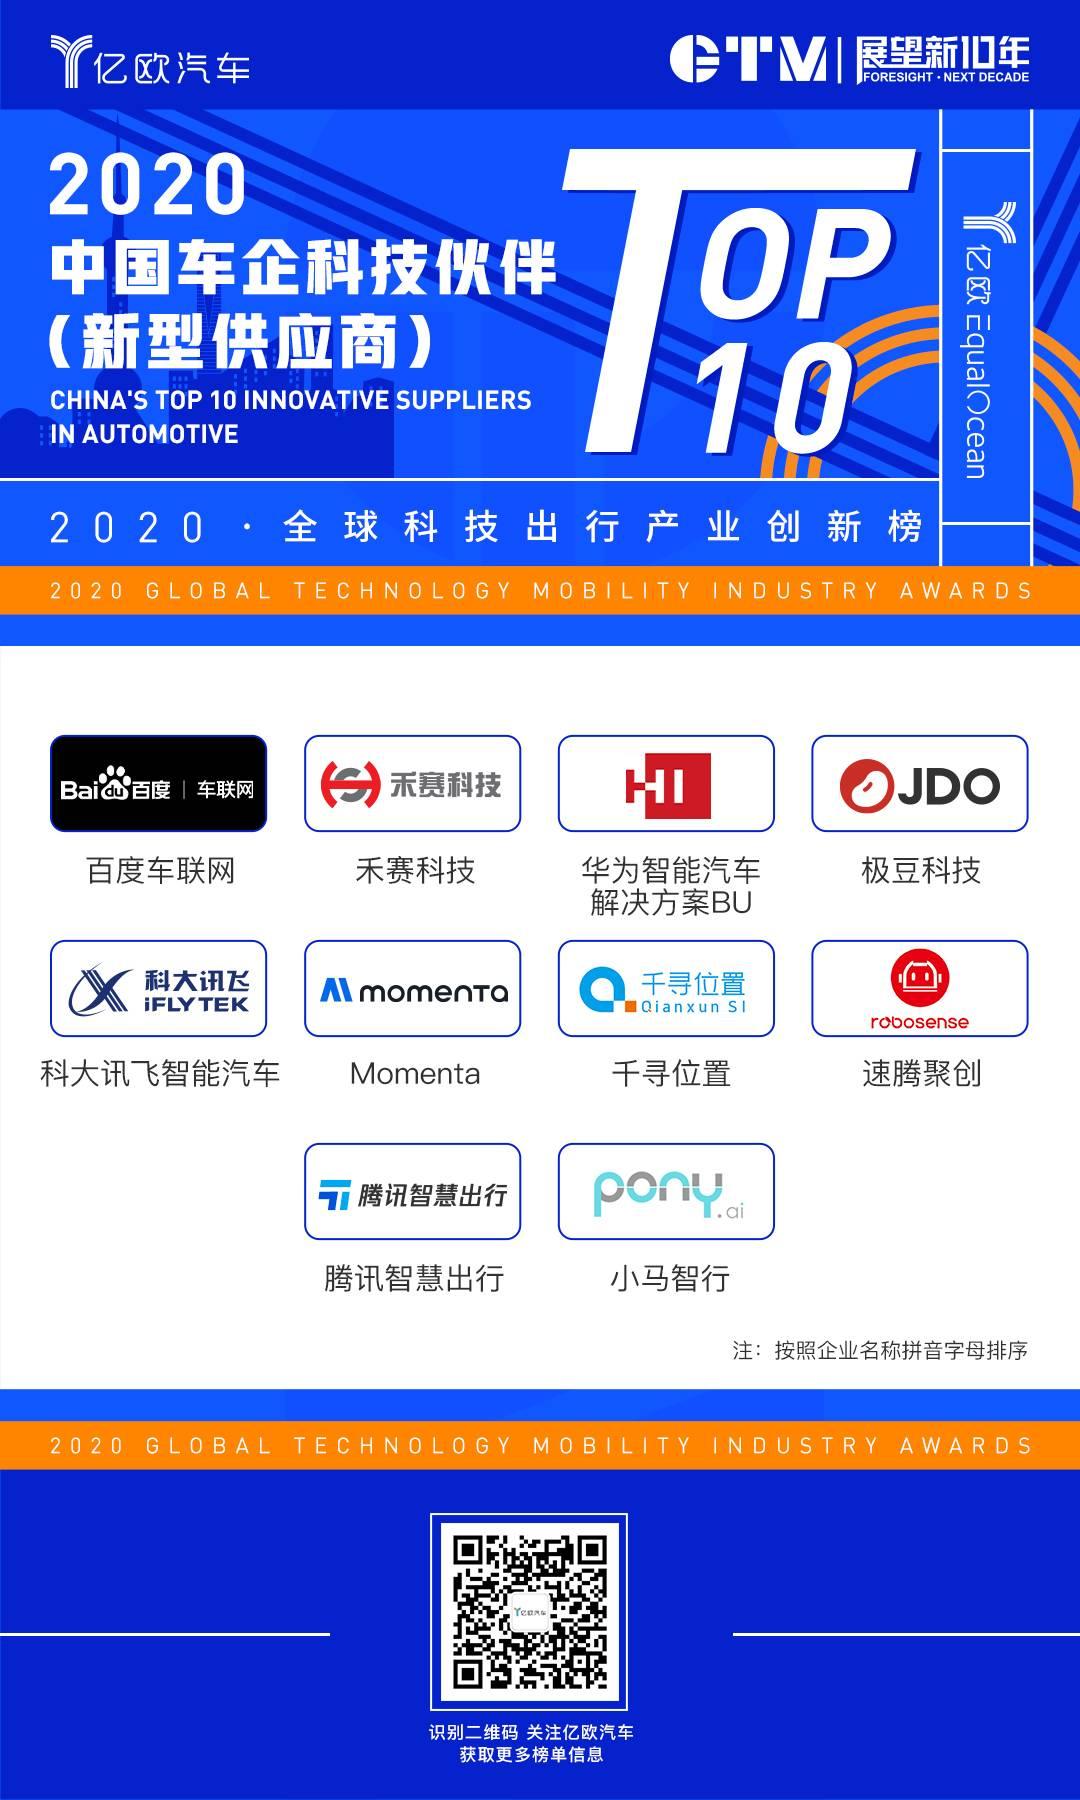 2020中国车企科技友人(新式供答商).jpg